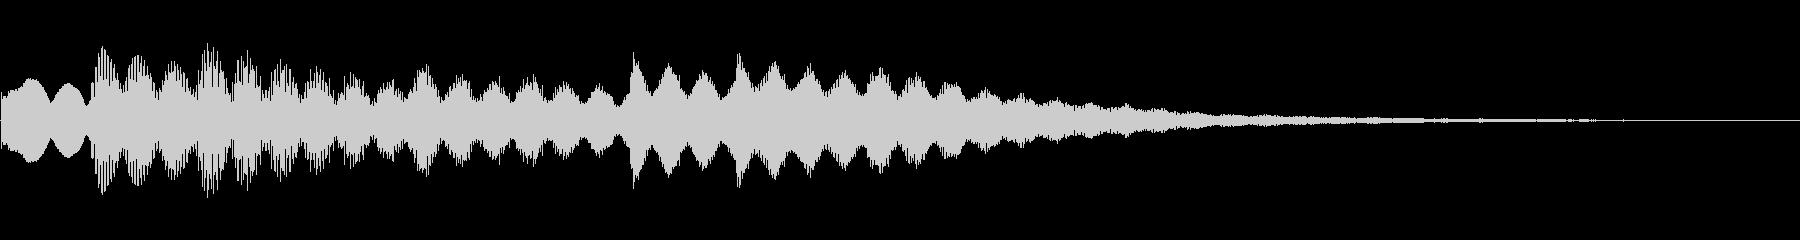 ビブラフォン:「グッドモーニング」...の未再生の波形